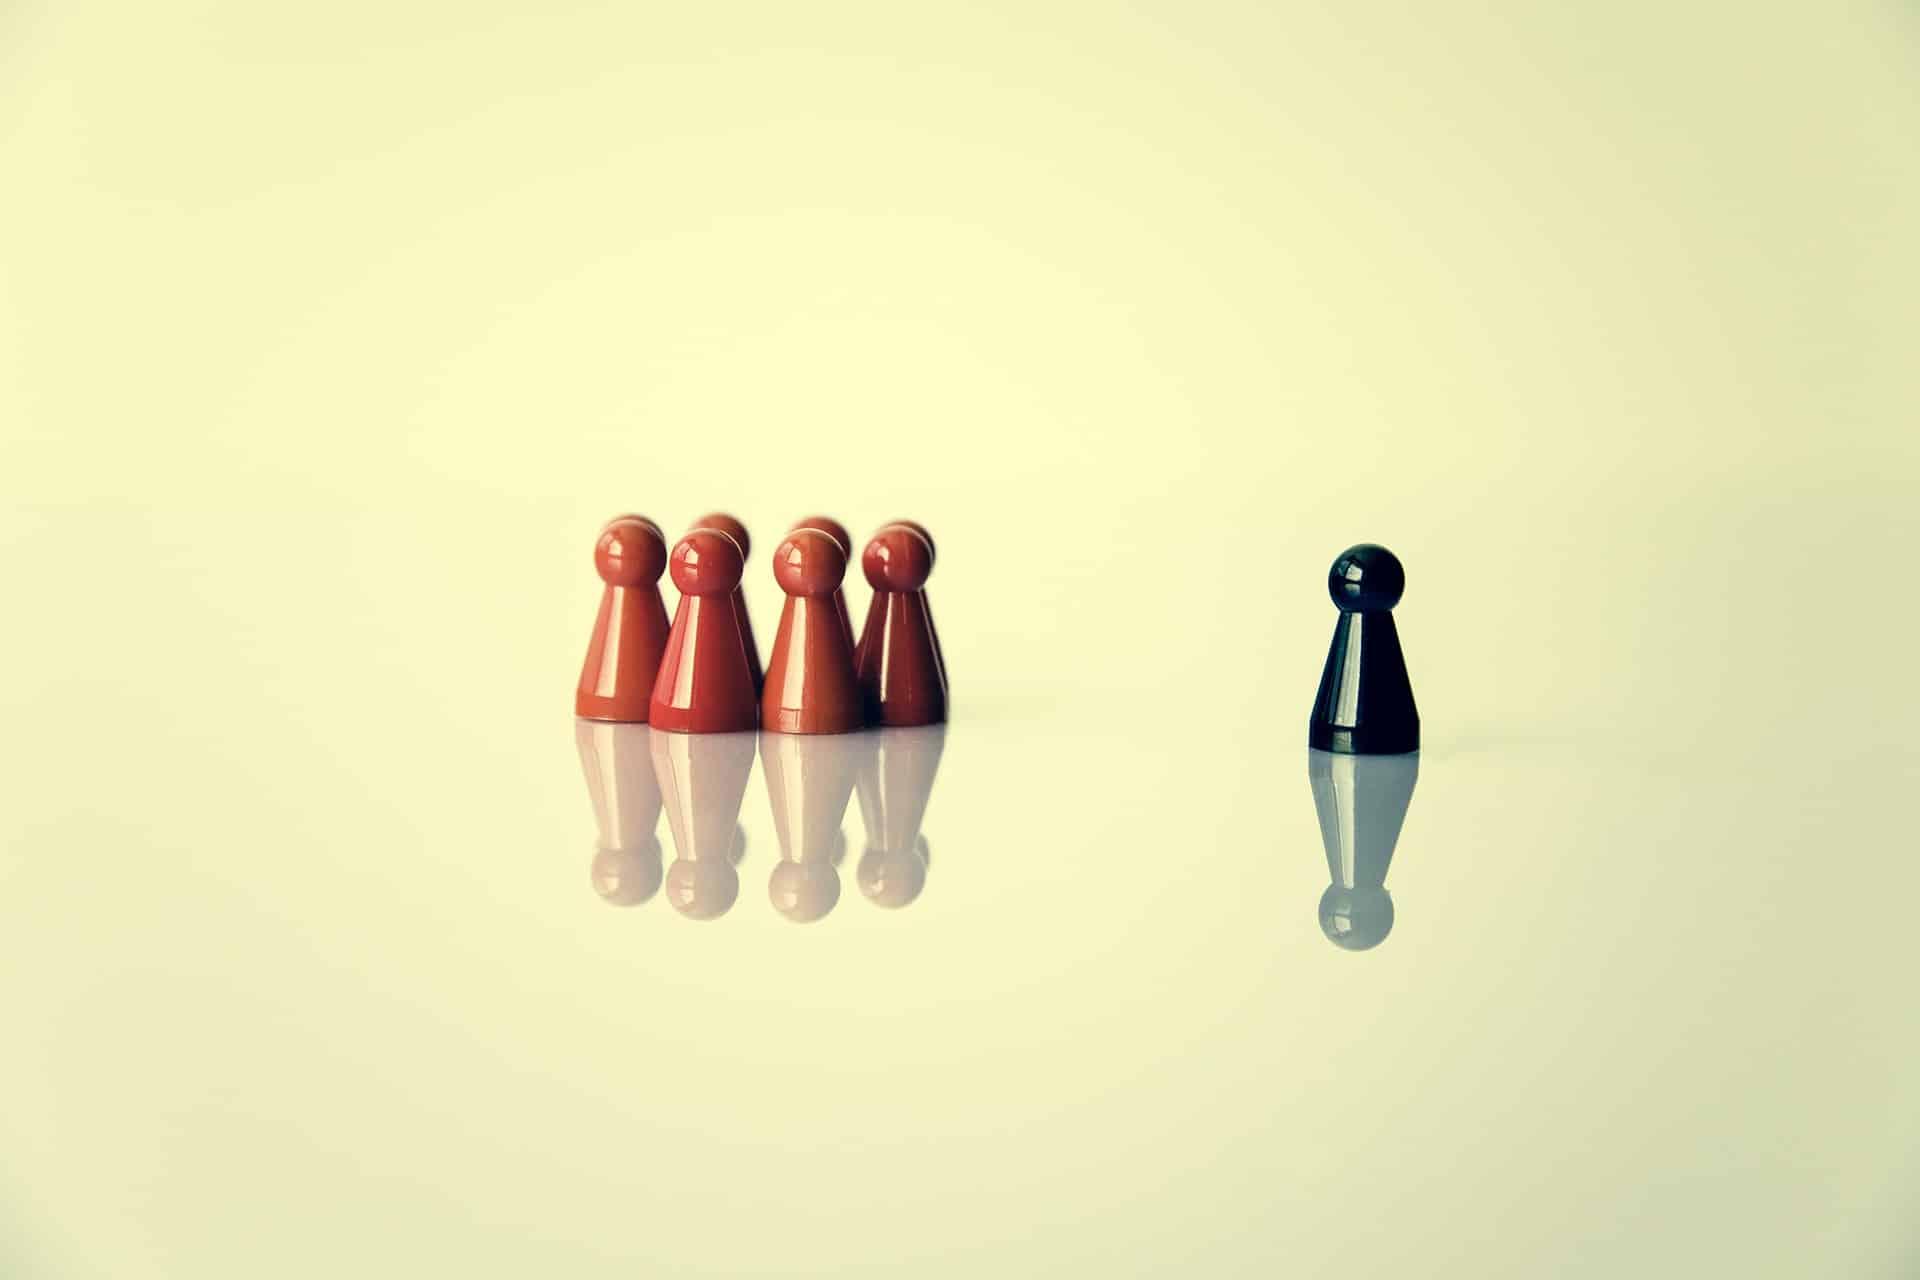 Gestire un gruppo di lavoro 6 consigli